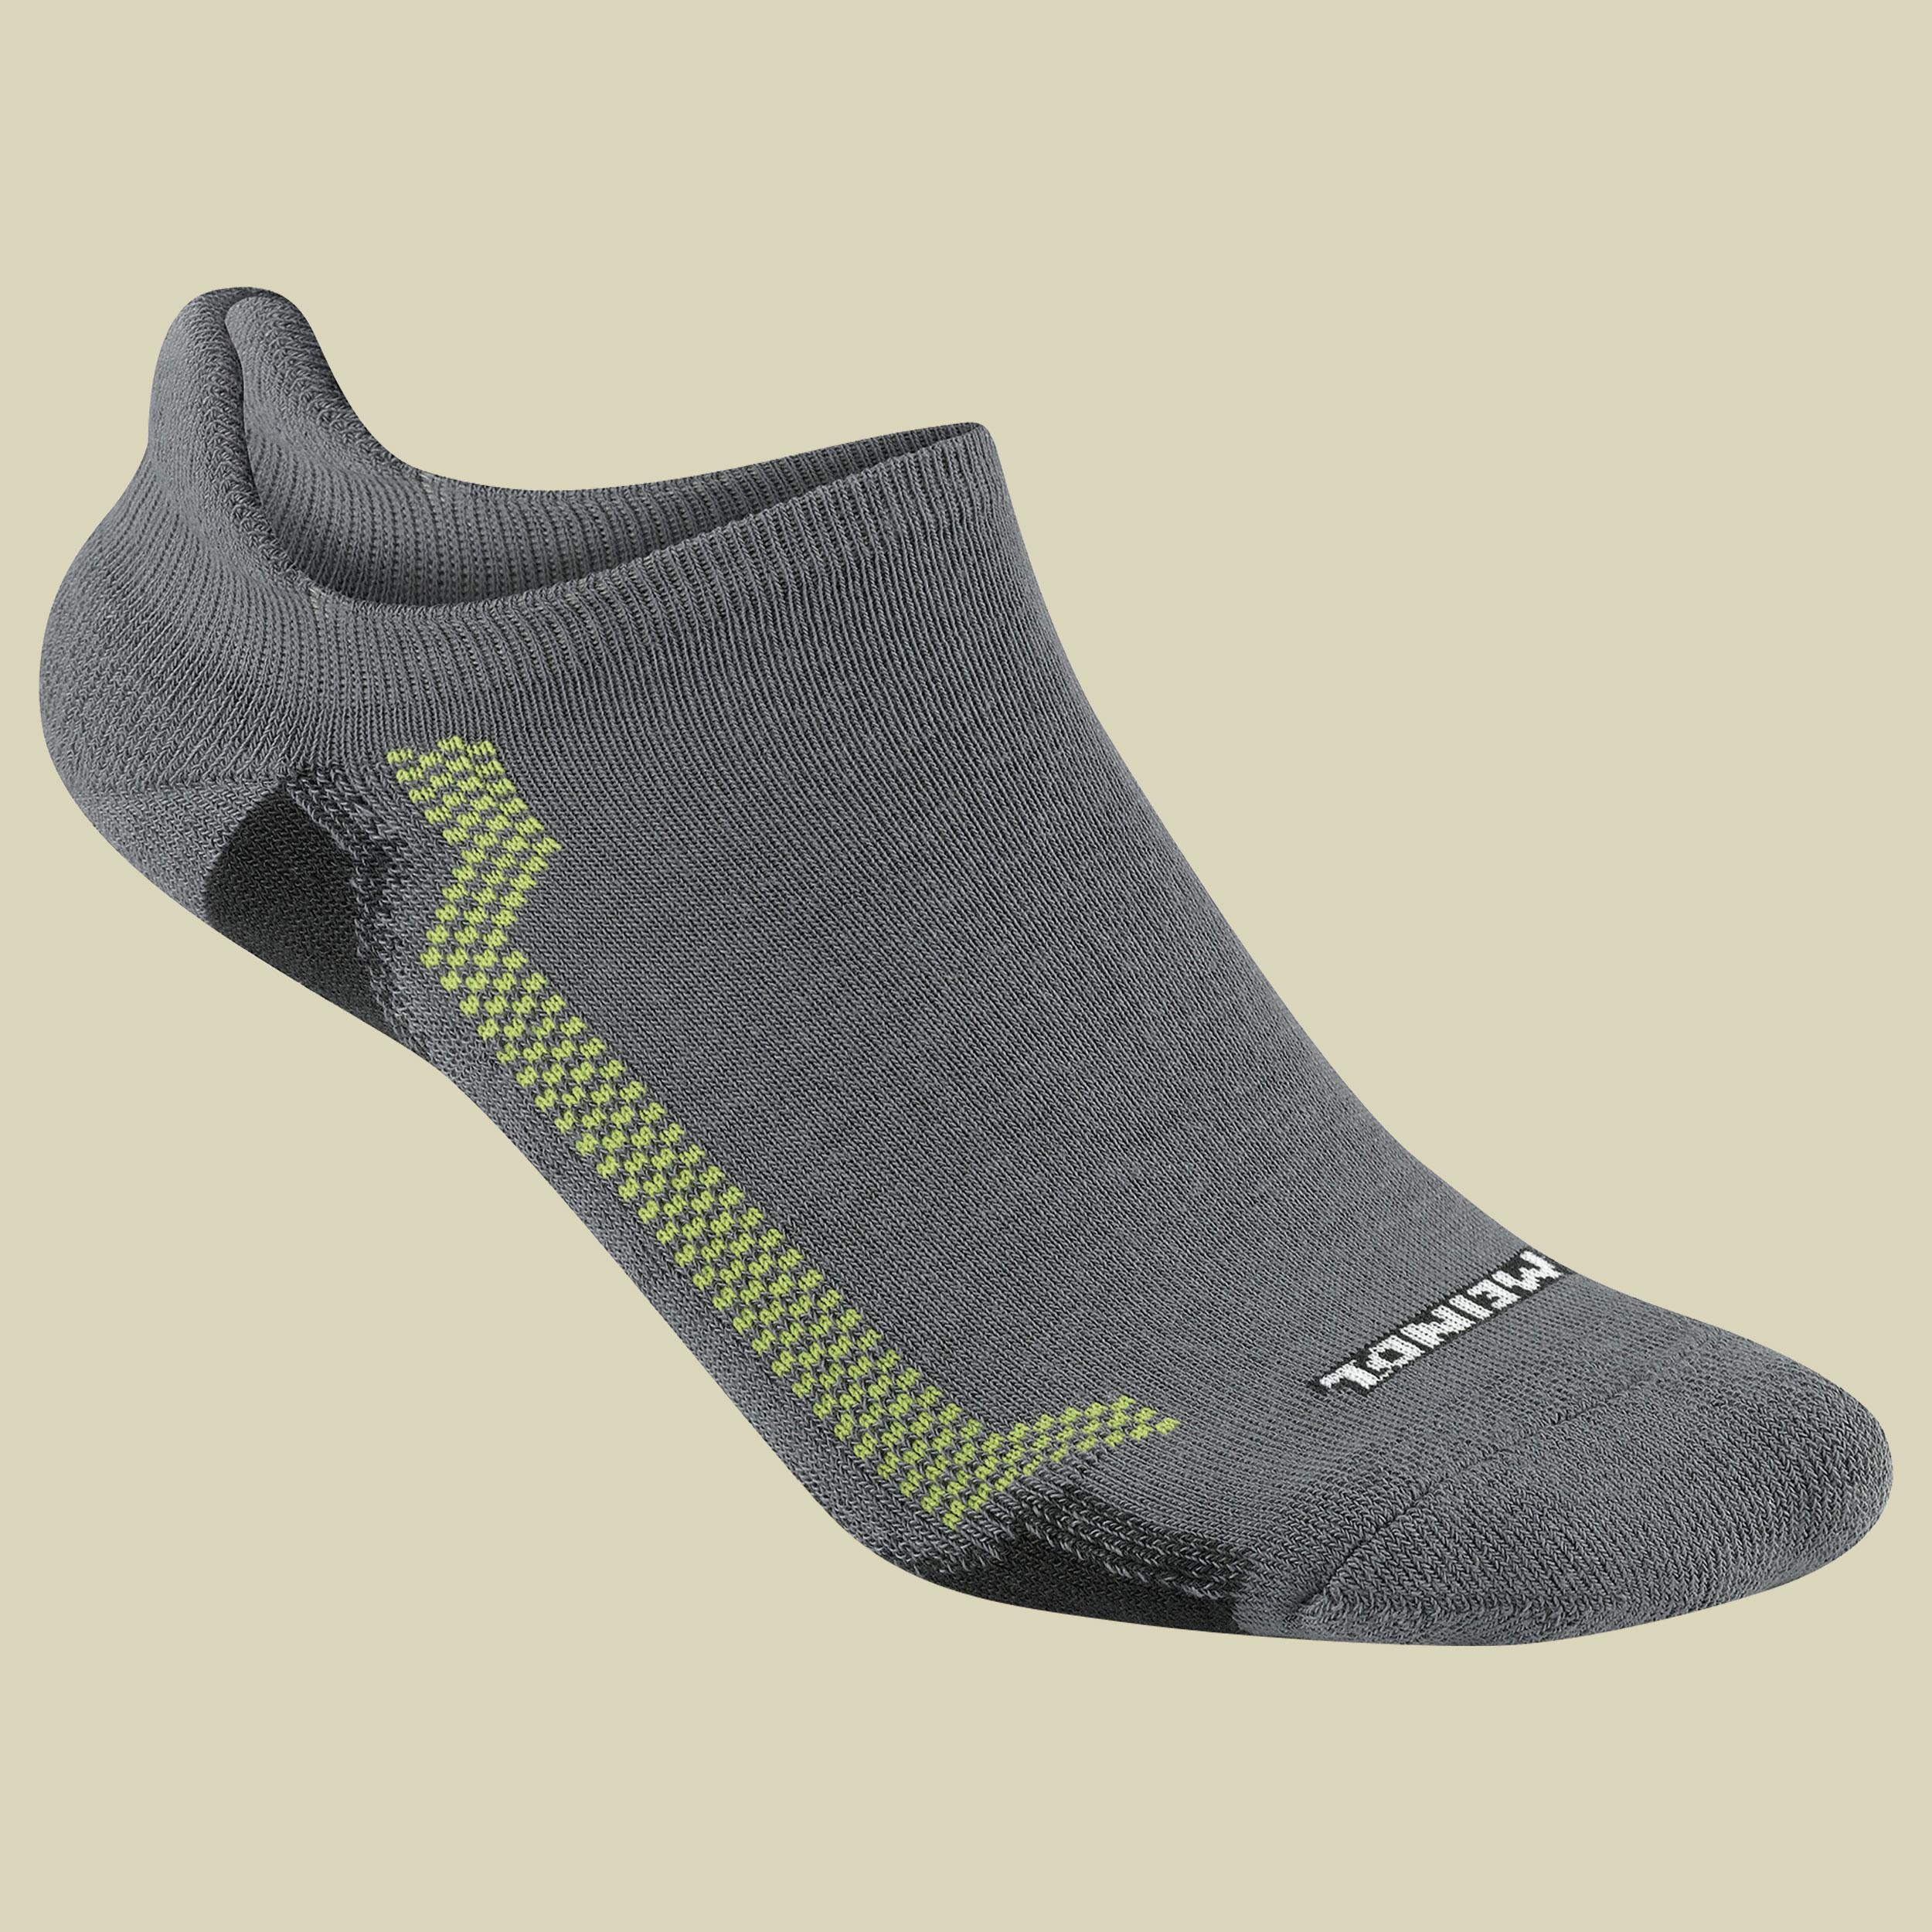 Meindl XO Sneaker Sock Pro Sportsocken Unisex Größe 36-39 lemon-grau